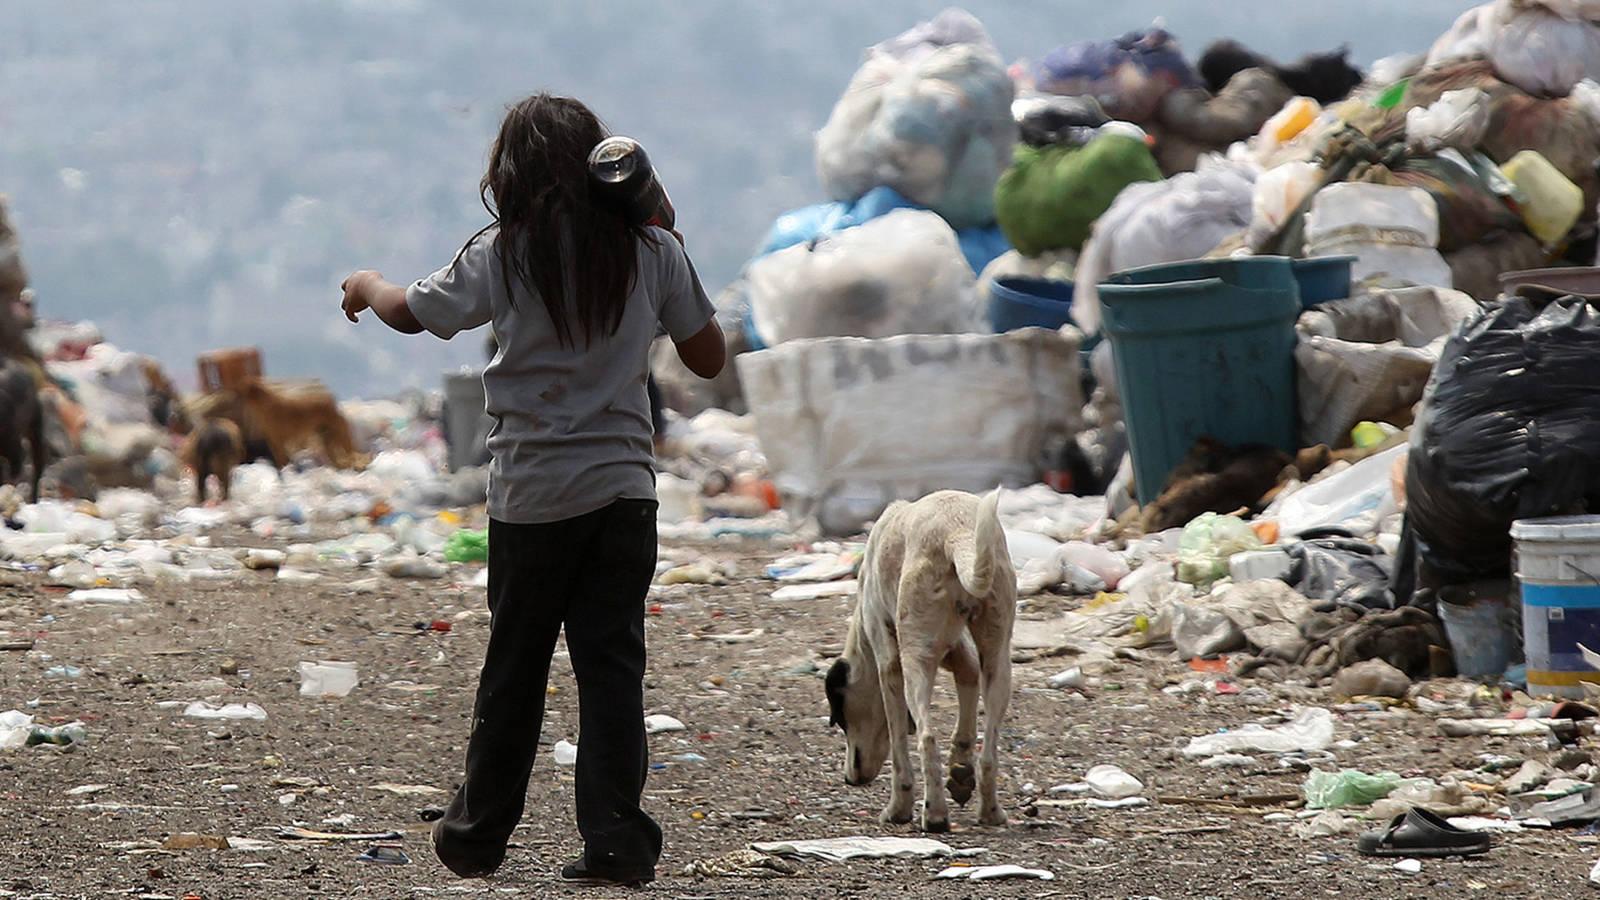 Estudio revela que vivir en la pobreza modifica el ADN humano